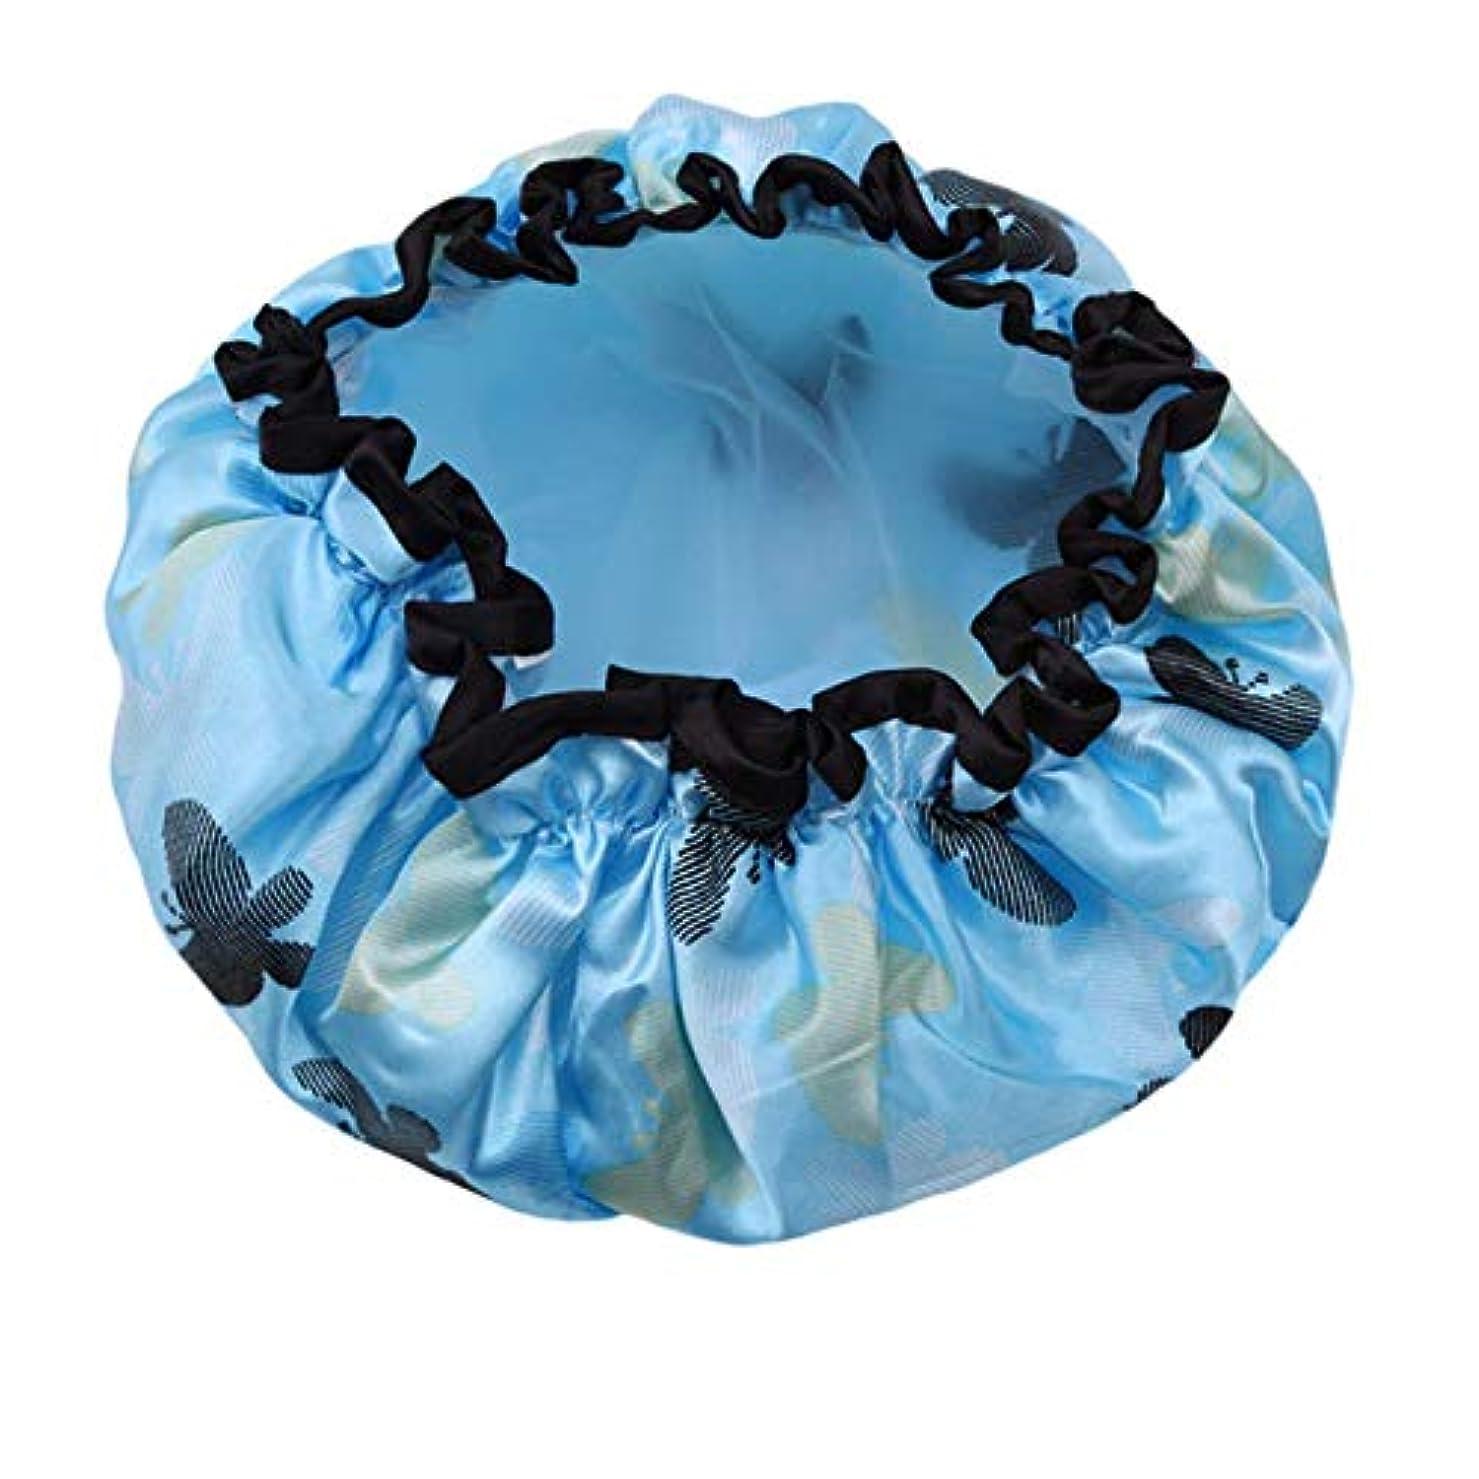 ラボ吐き出すアウター1st market プレミアム二層バスキャップエラスティックバンドシャワー帽子防水女性用シャワースパスタイル3